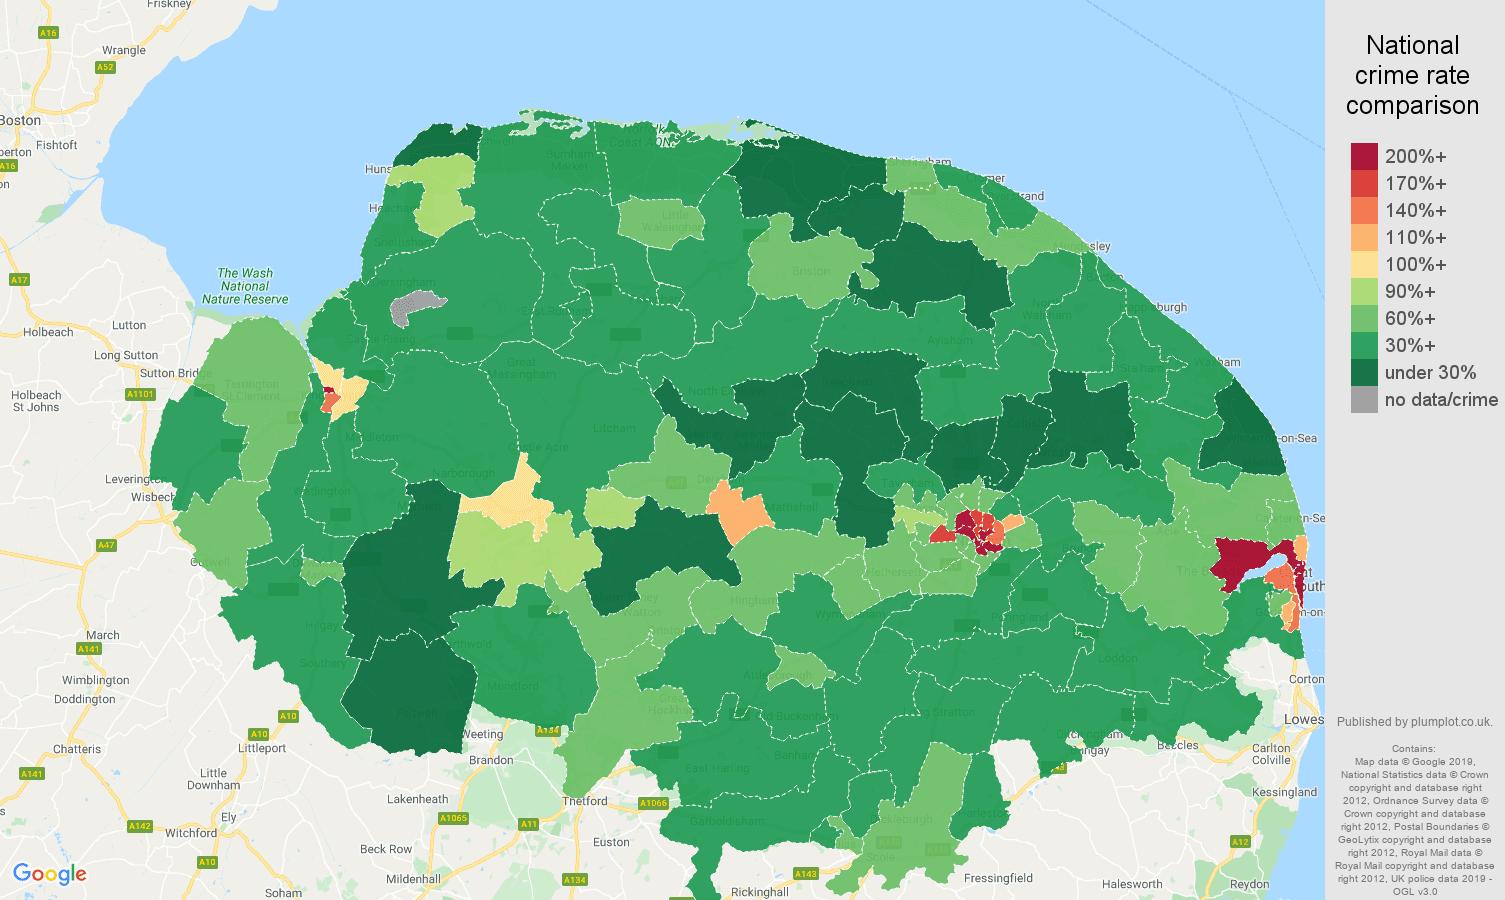 Norfolk public order crime rate comparison map